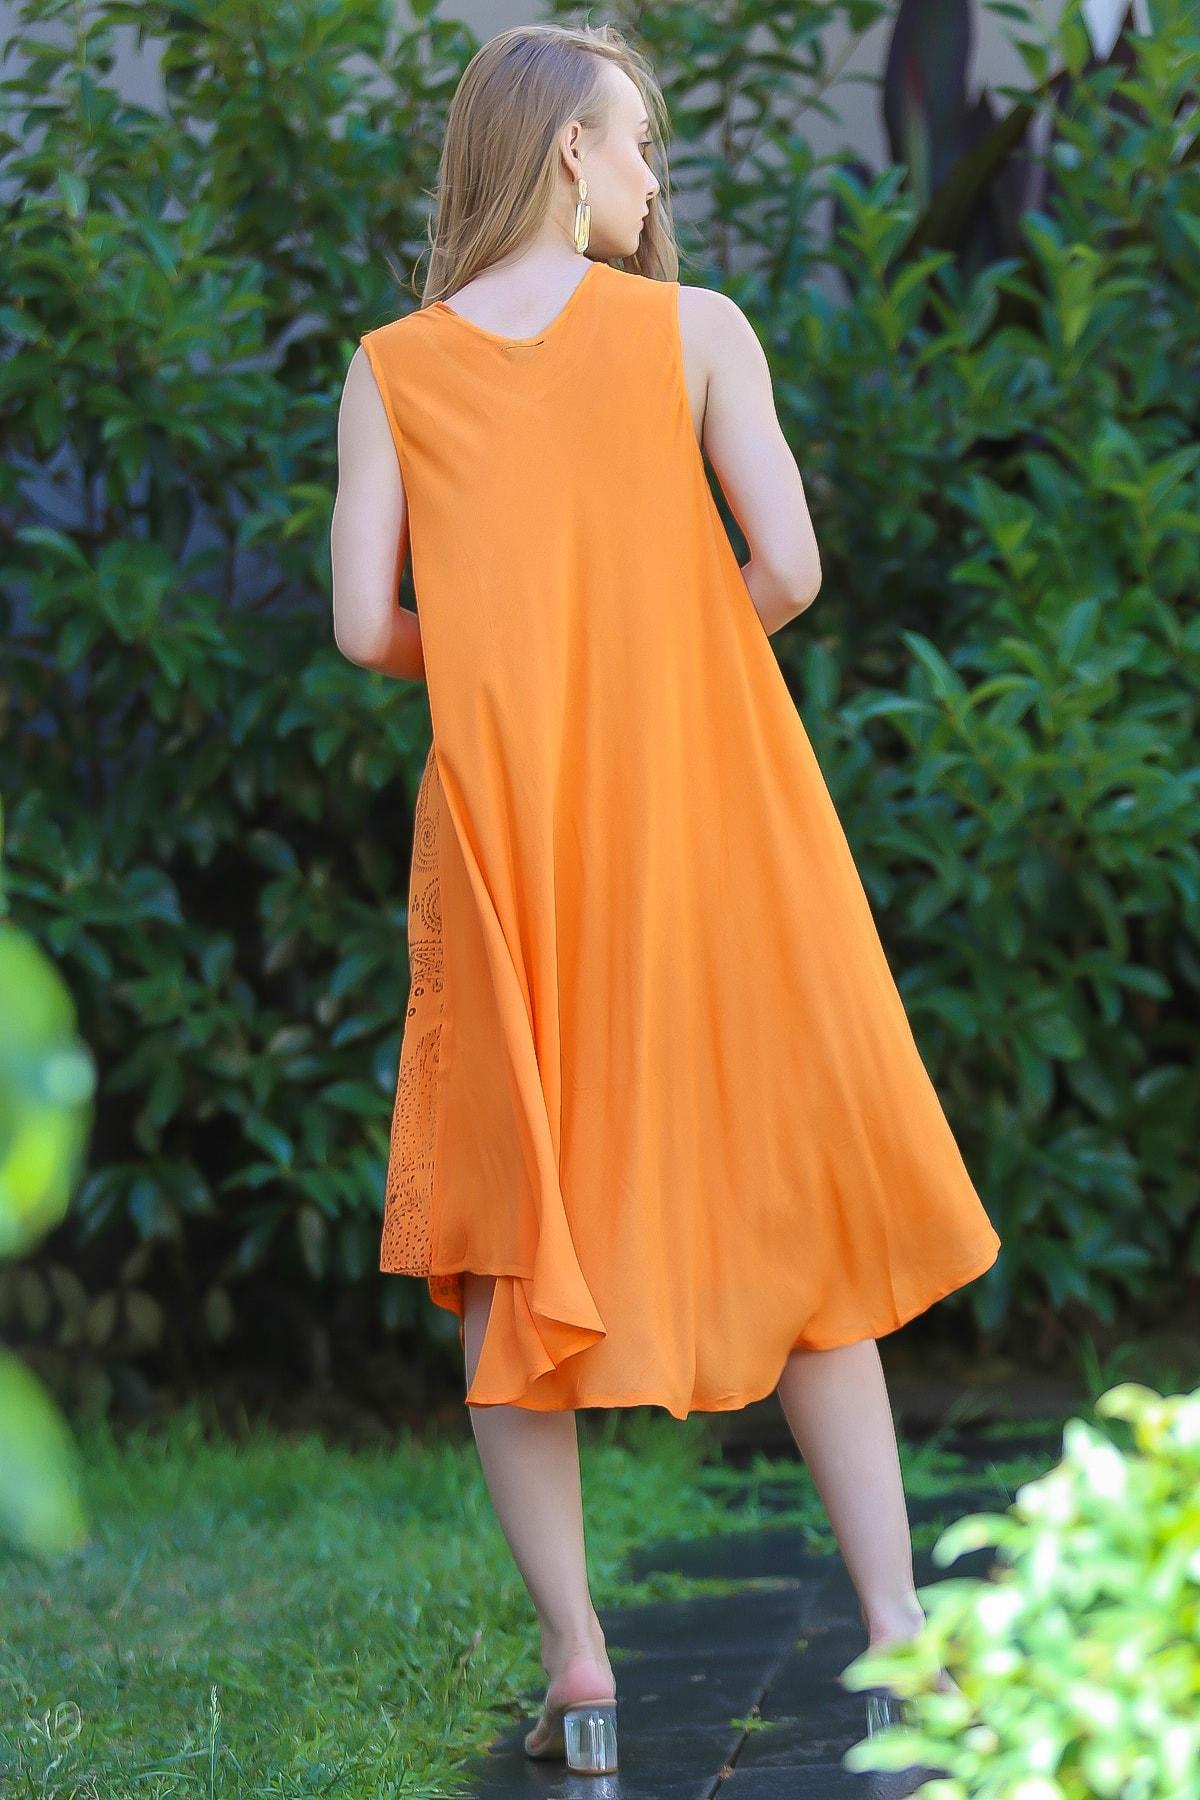 Chiccy Kadın Turuncu Bohem Şal Desen Baskılı Salaş Elbise M10160000EL96407 2